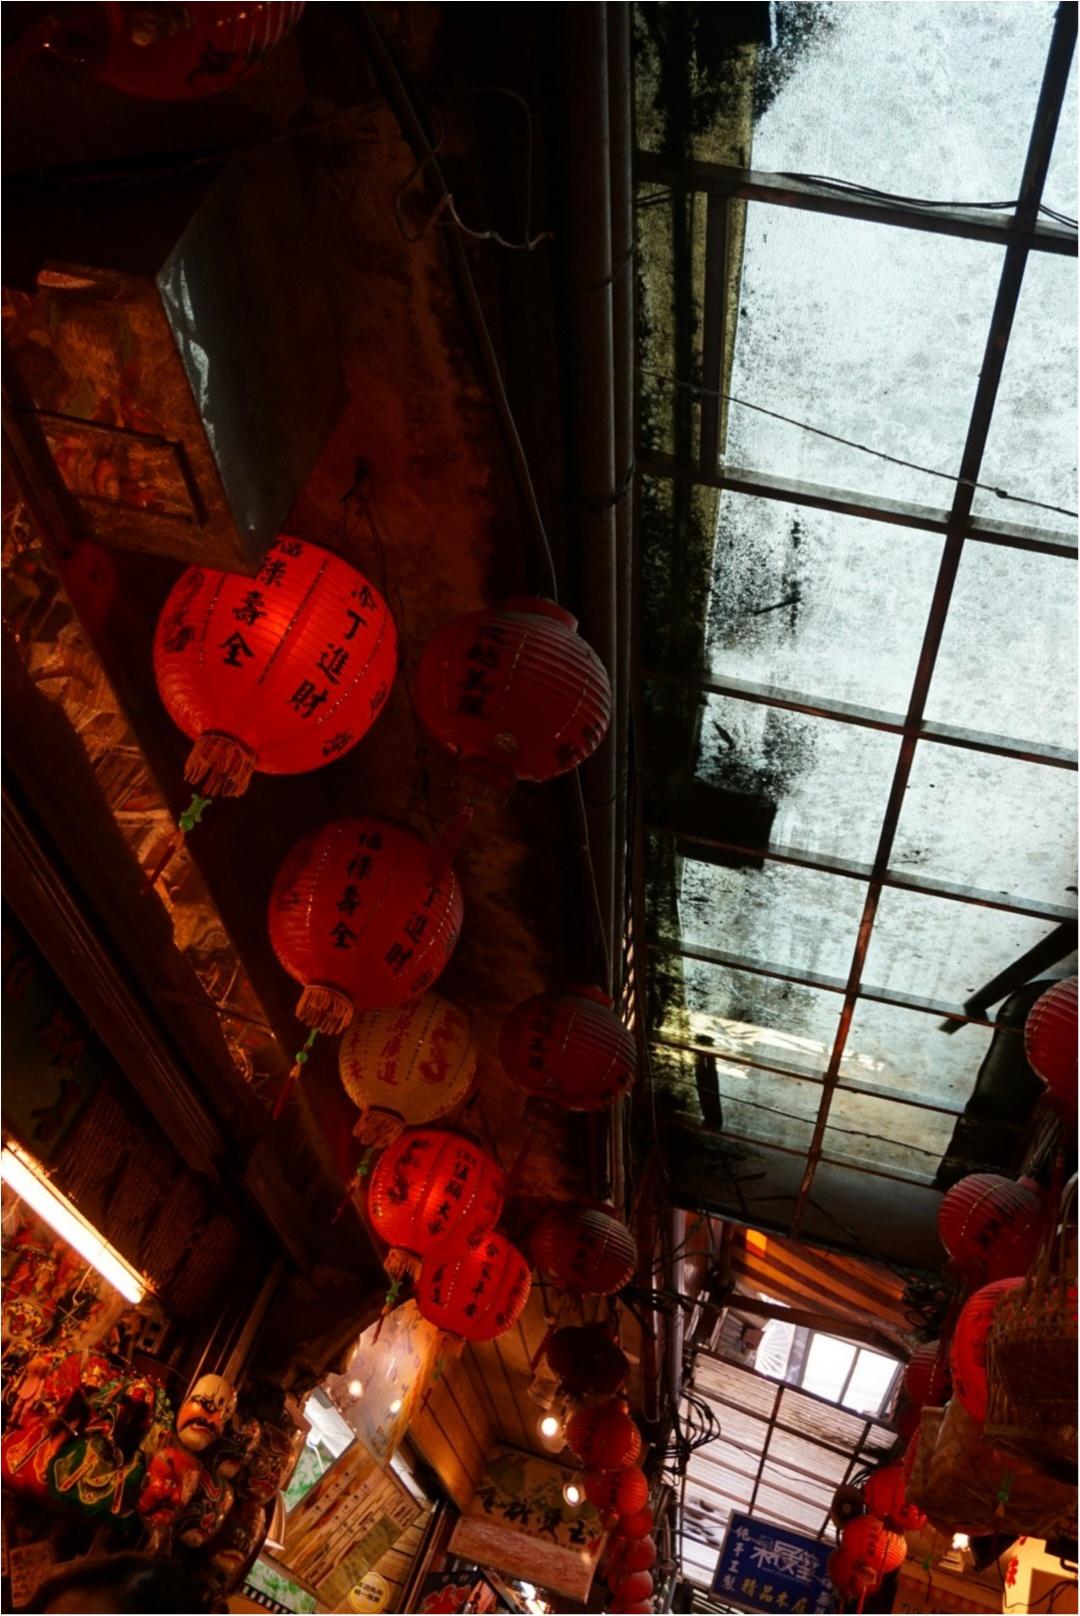 【旅行】週末台湾♡その4・あの映画のモデルの建物も!台湾の超人気スポット徹底レポ_2